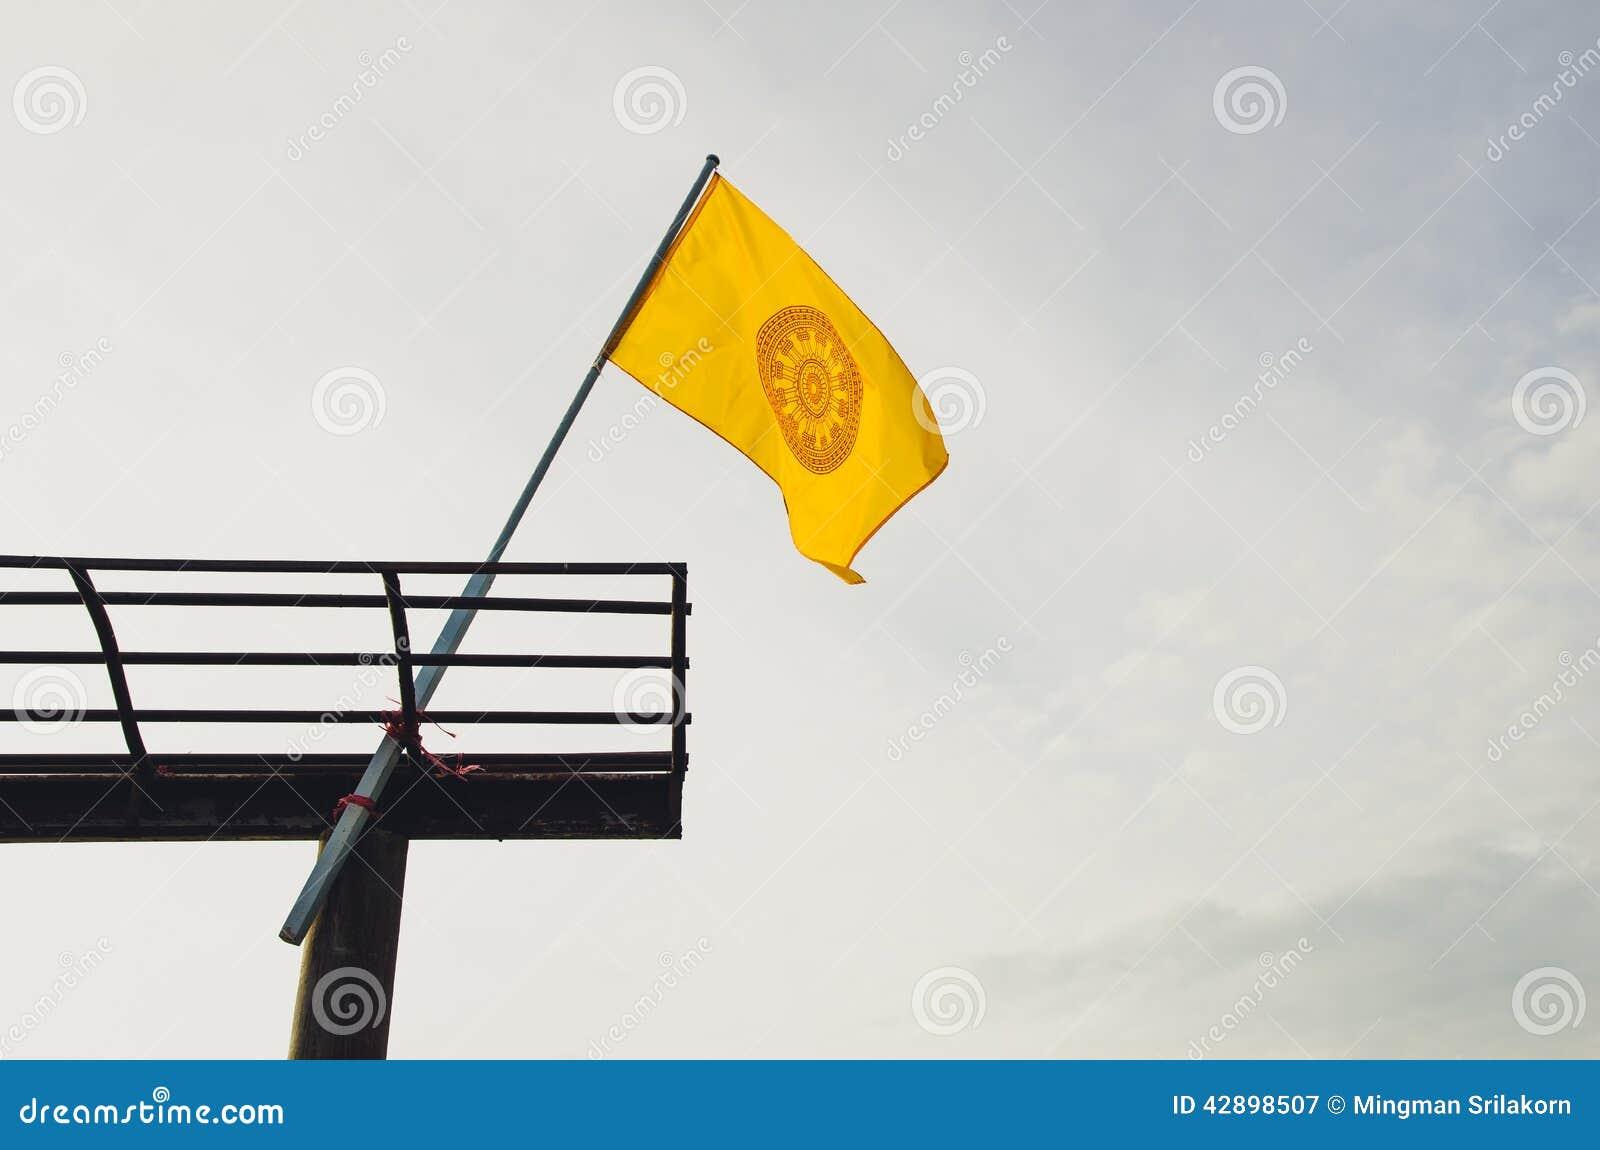 flage of buddhism symbol stock image image of buddhism 42898507